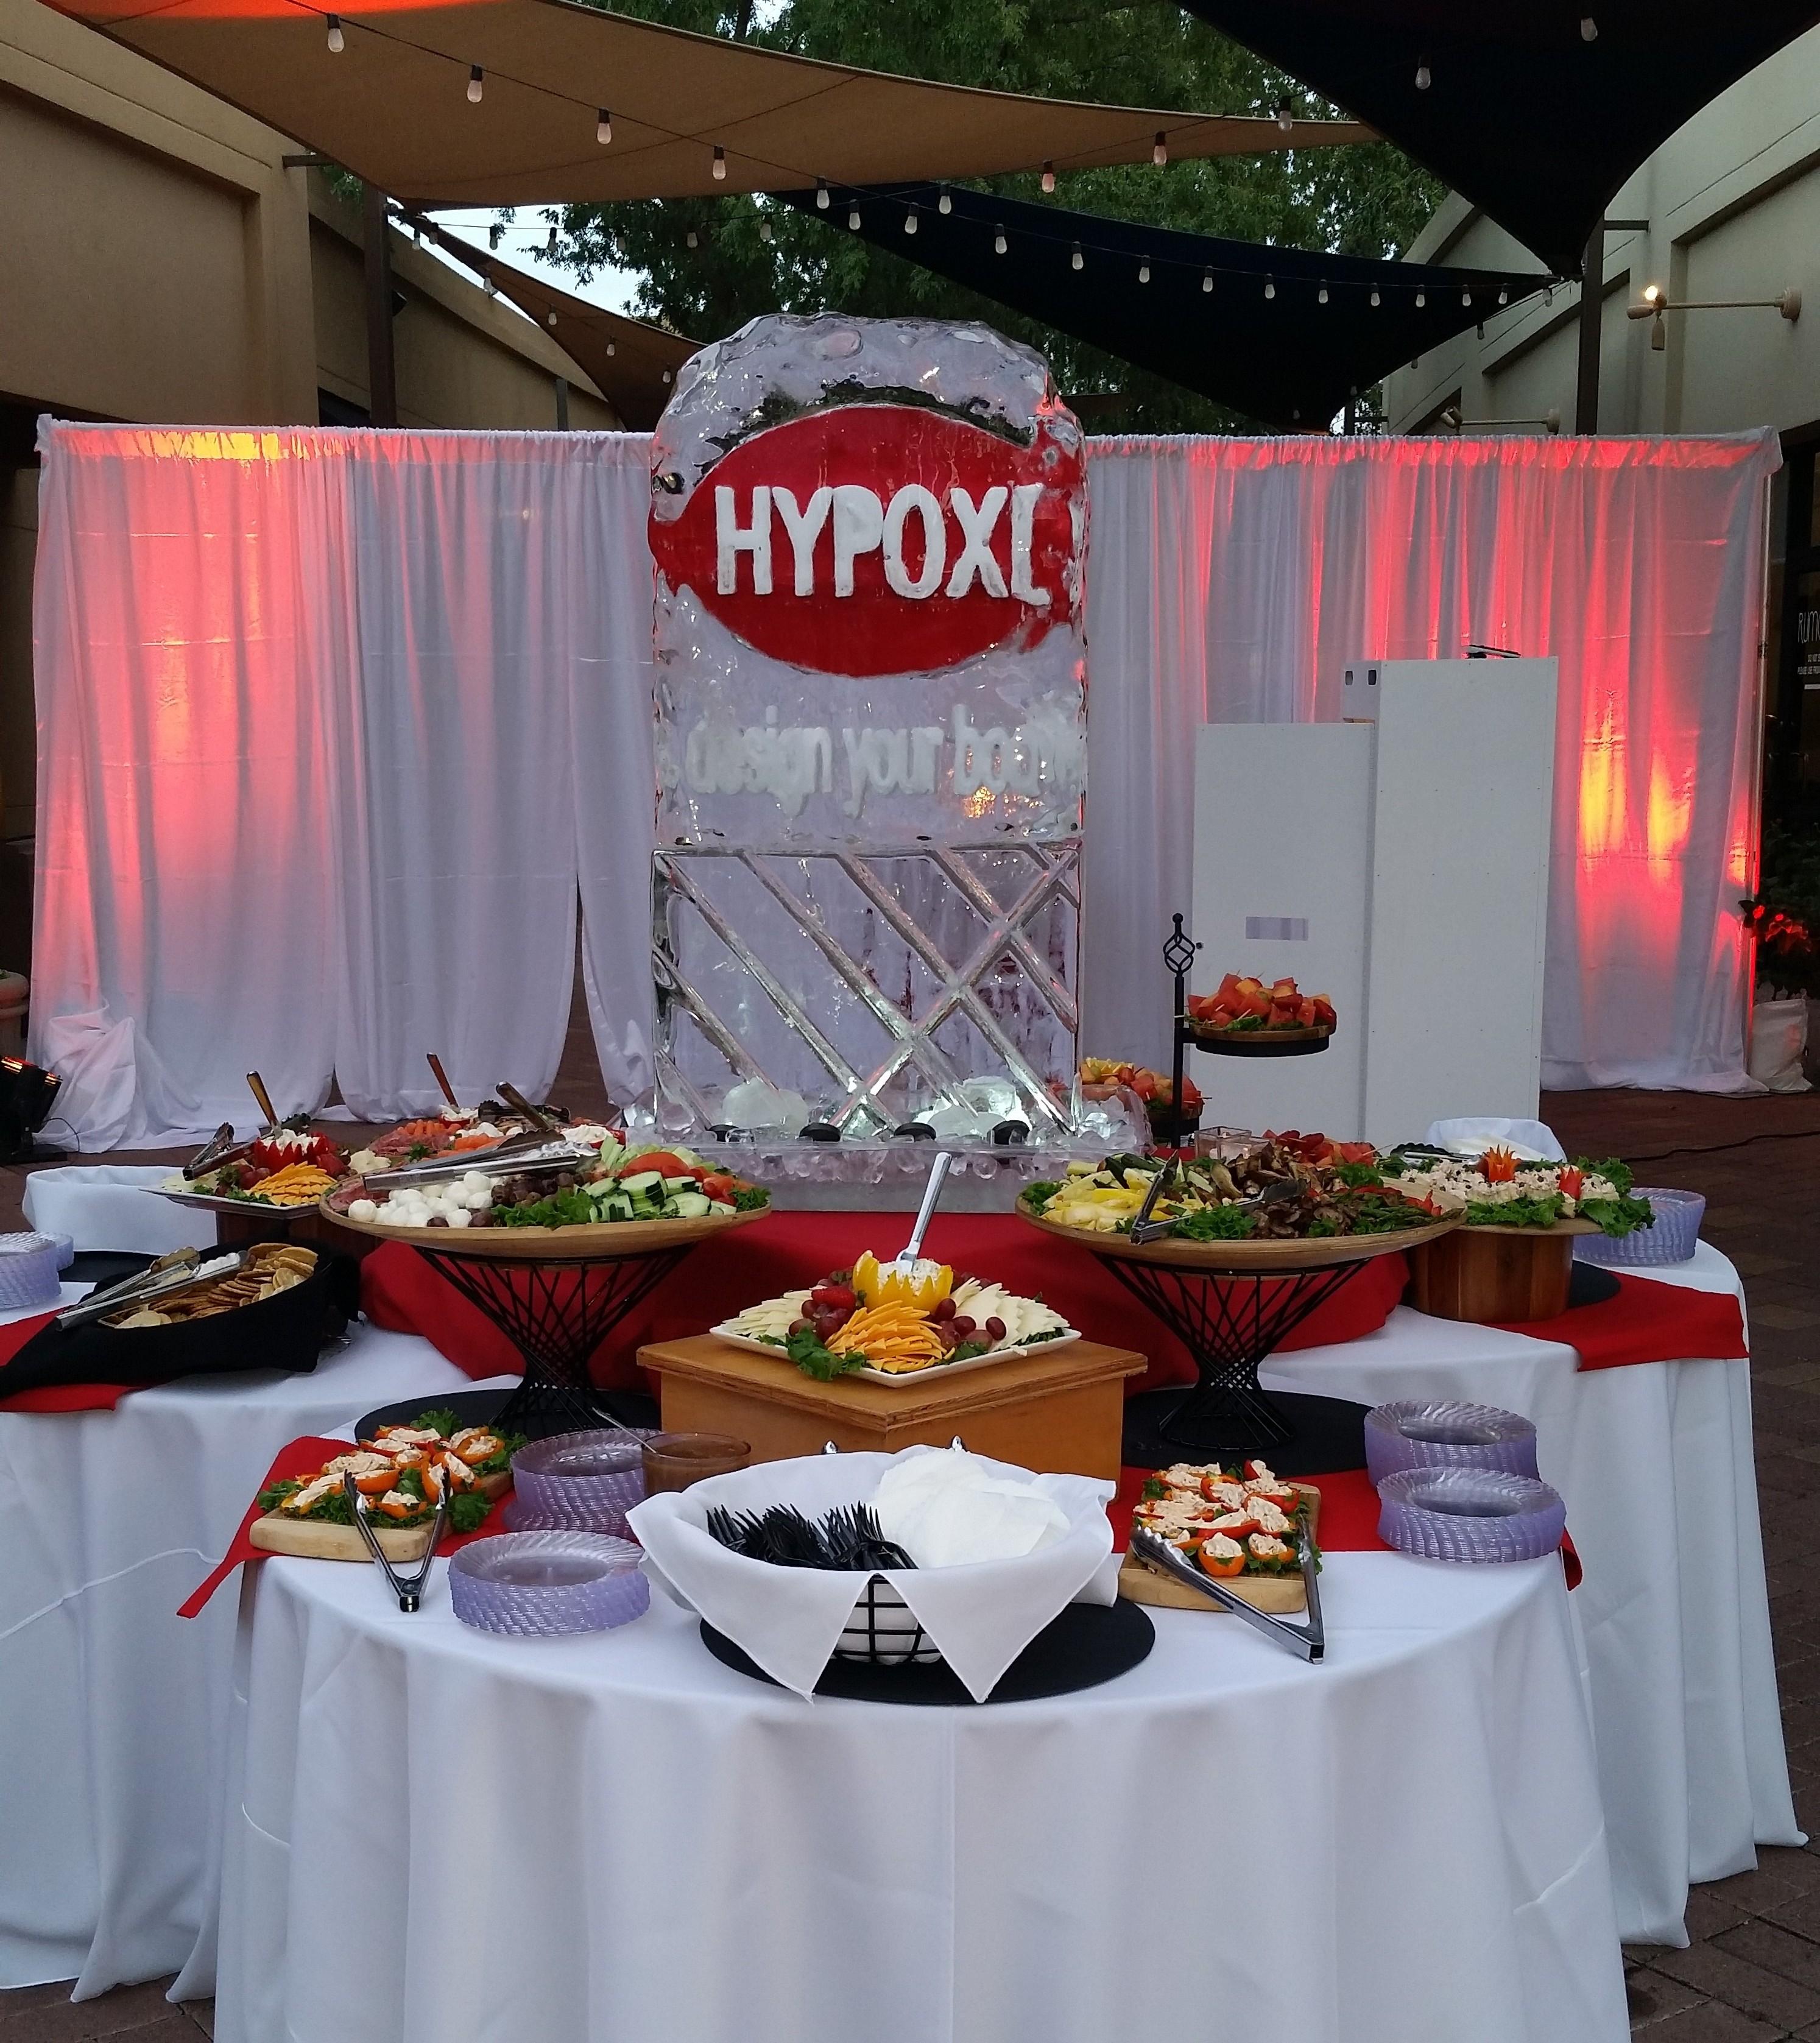 Hypoxi body